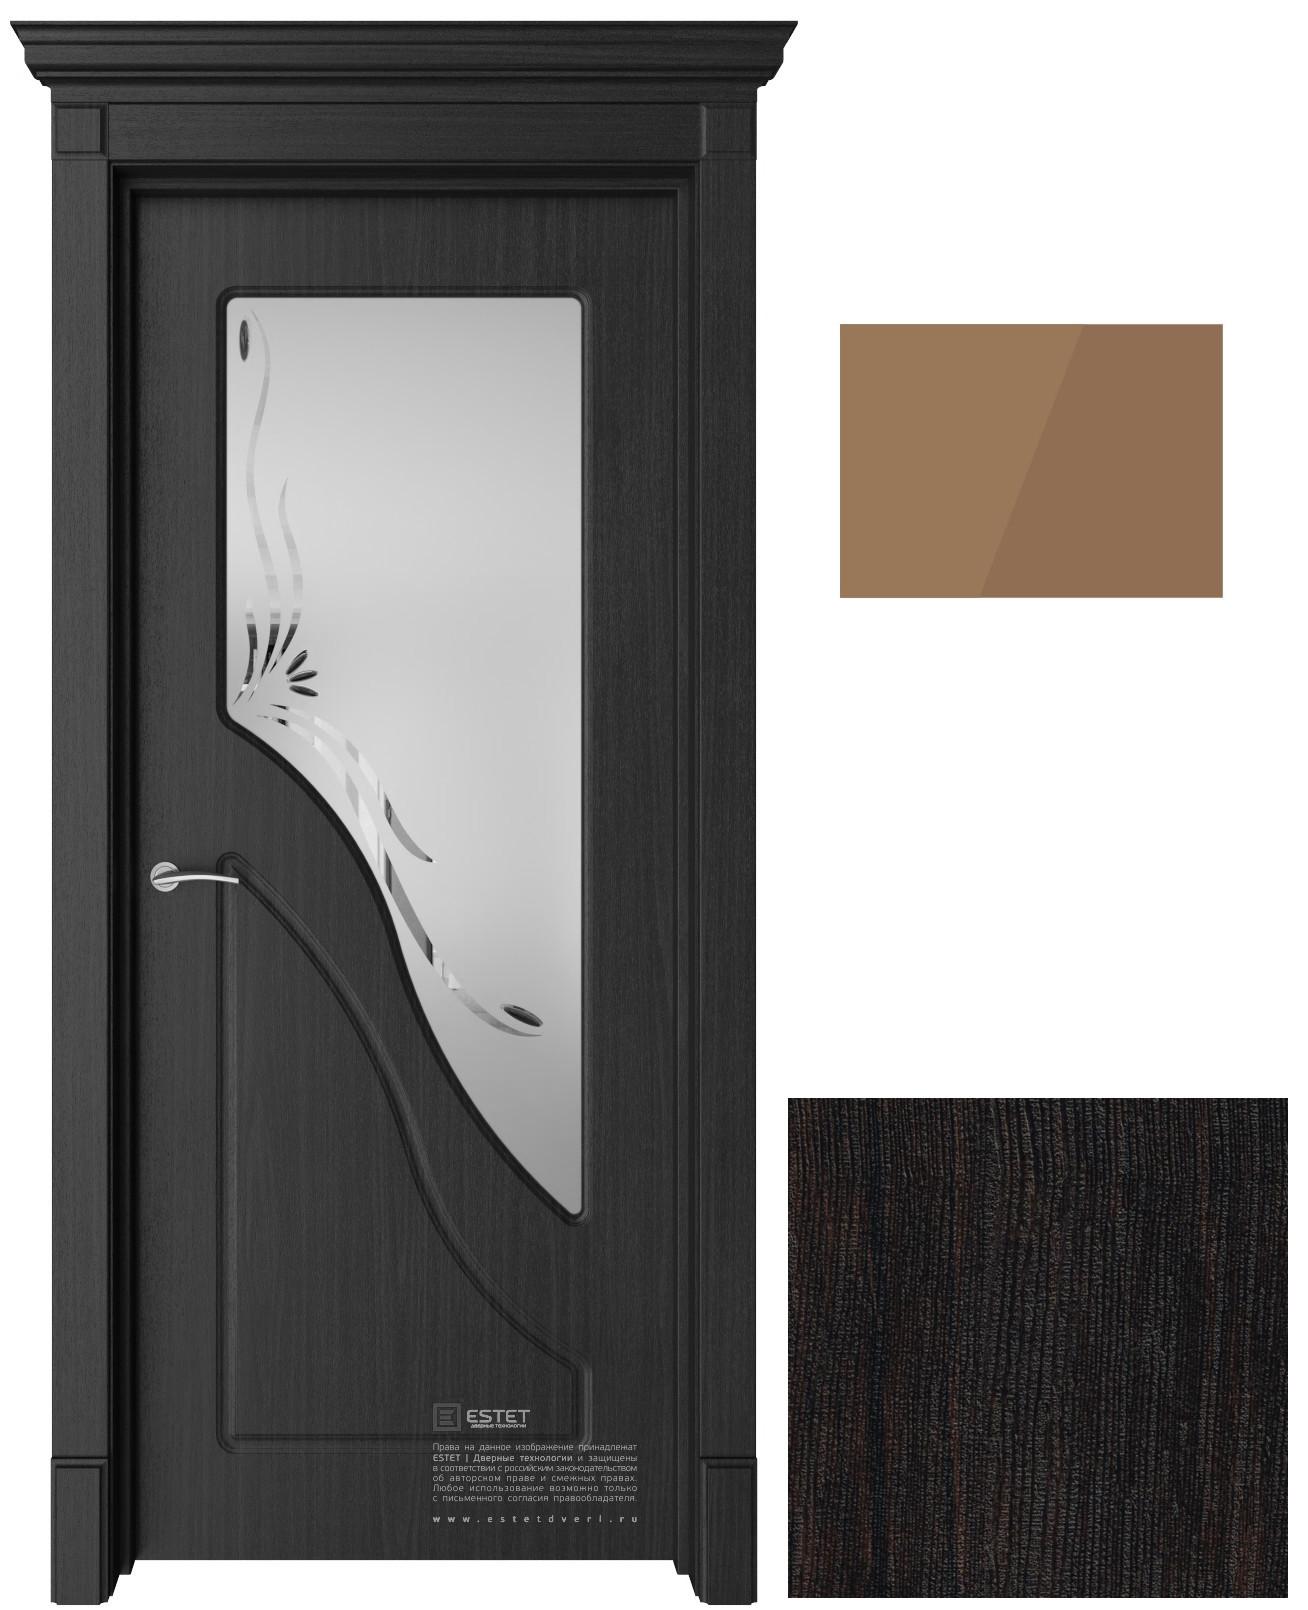 Межкомнатная дверь ПВХ Эстет Жасмин ДО Тиковое дерево стекло бронза 2000х600 (ПОСЛЕДНИЙ РАЗМЕР ПО АКЦИИ)